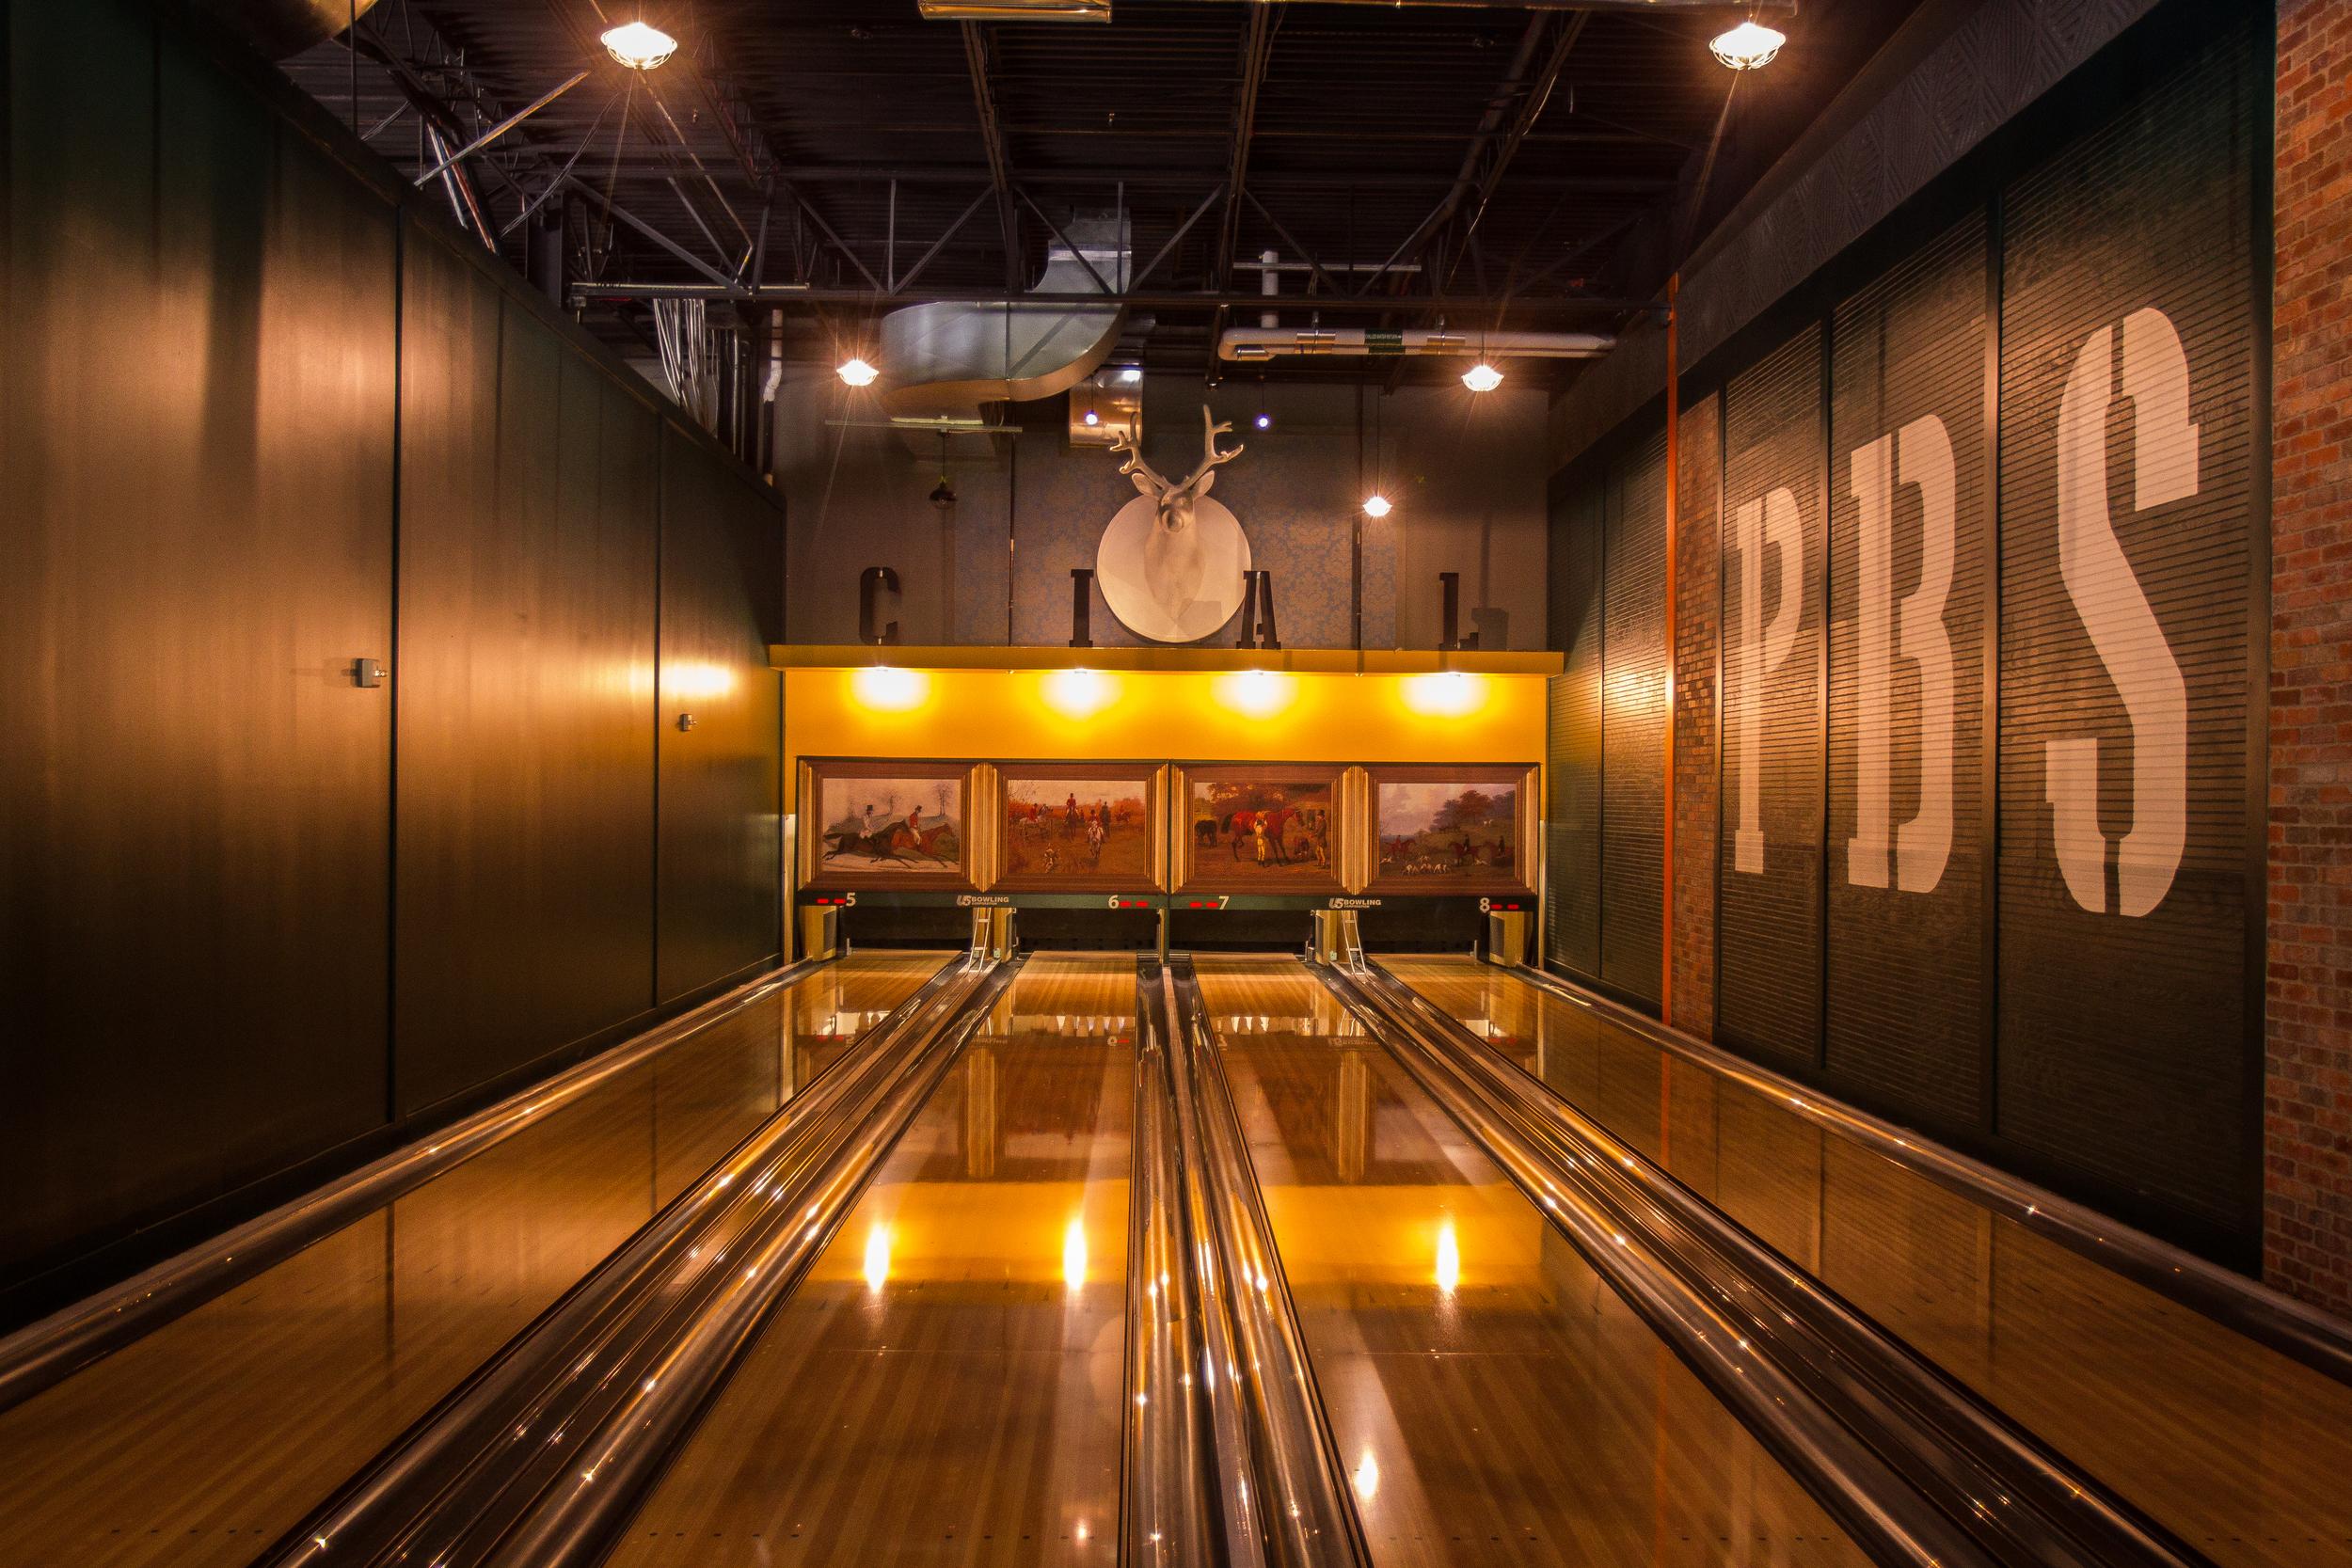 bowling alley 1.jpg